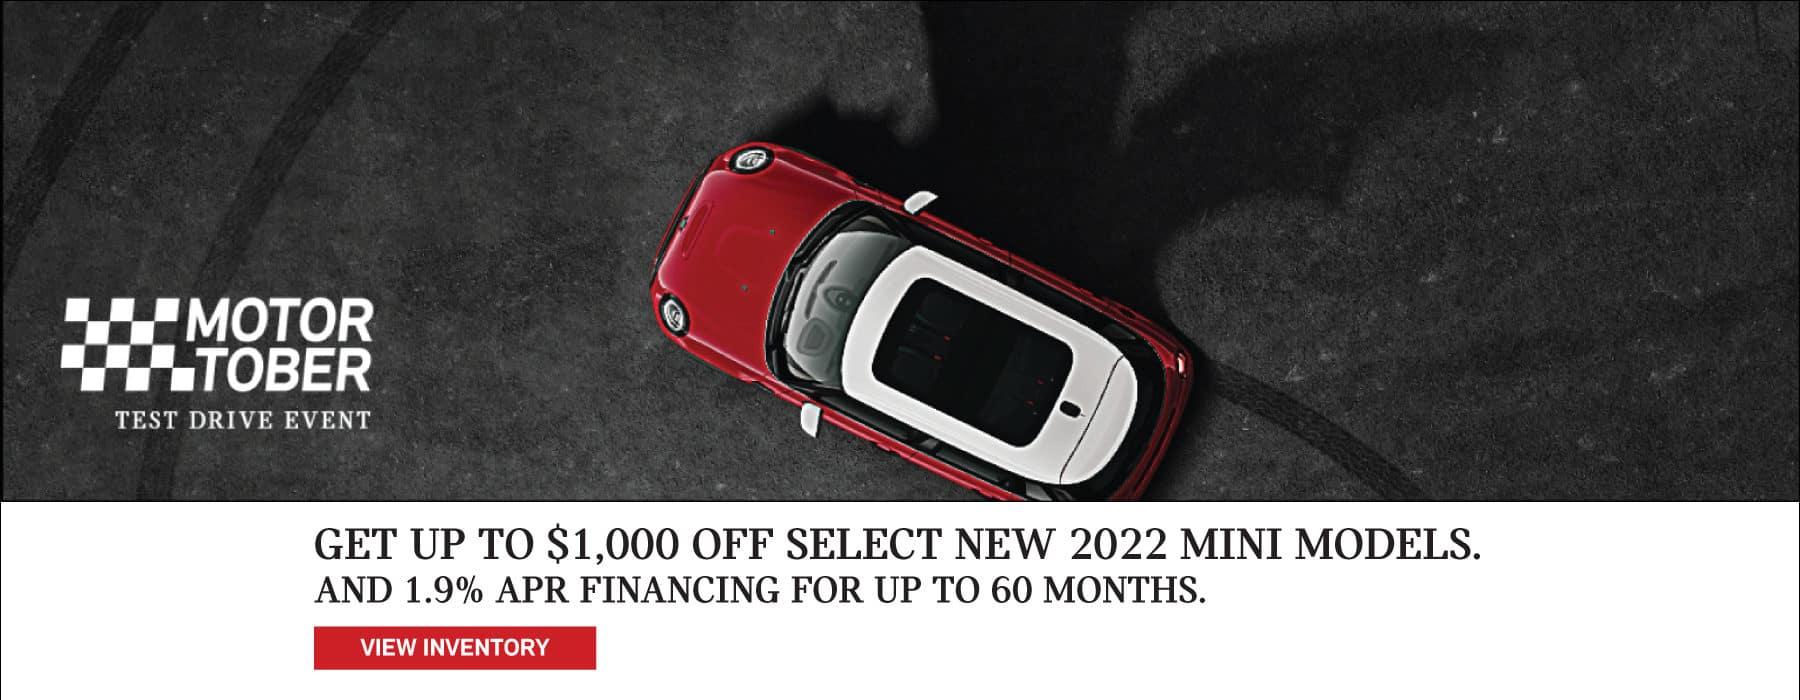 Get up tp $1,000 off select 2022 MINI models.